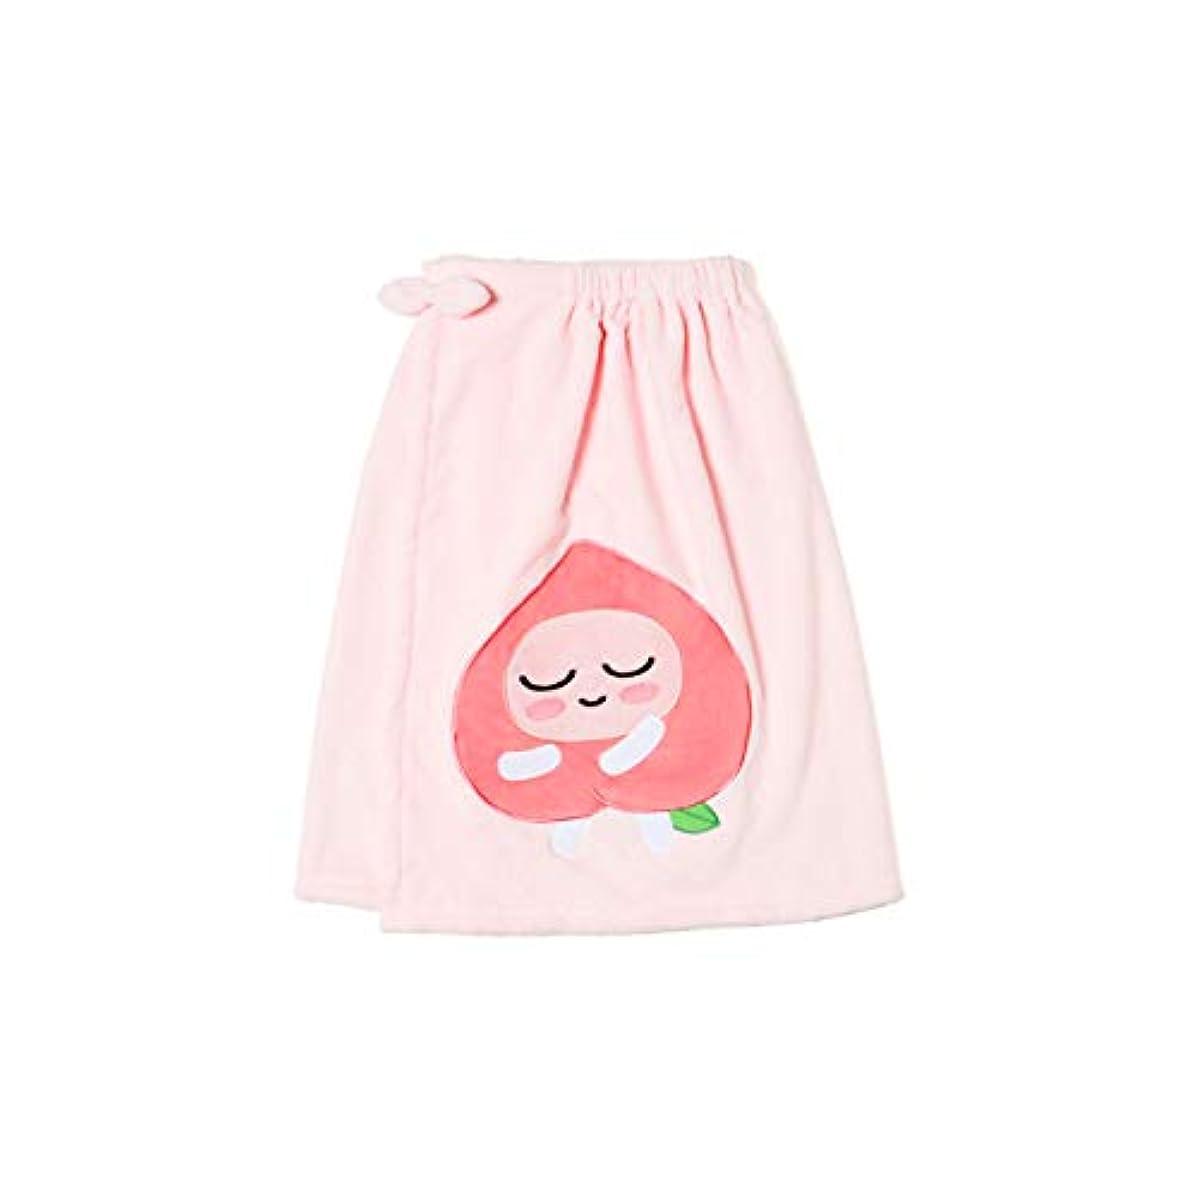 不適切なグリースナインへ[オフィシャル] カカオフレンズ – スイートアピーチ バスドレスガウンピンク KAKAO FRIENDS - Sweet Apeach Bath Dress Pink